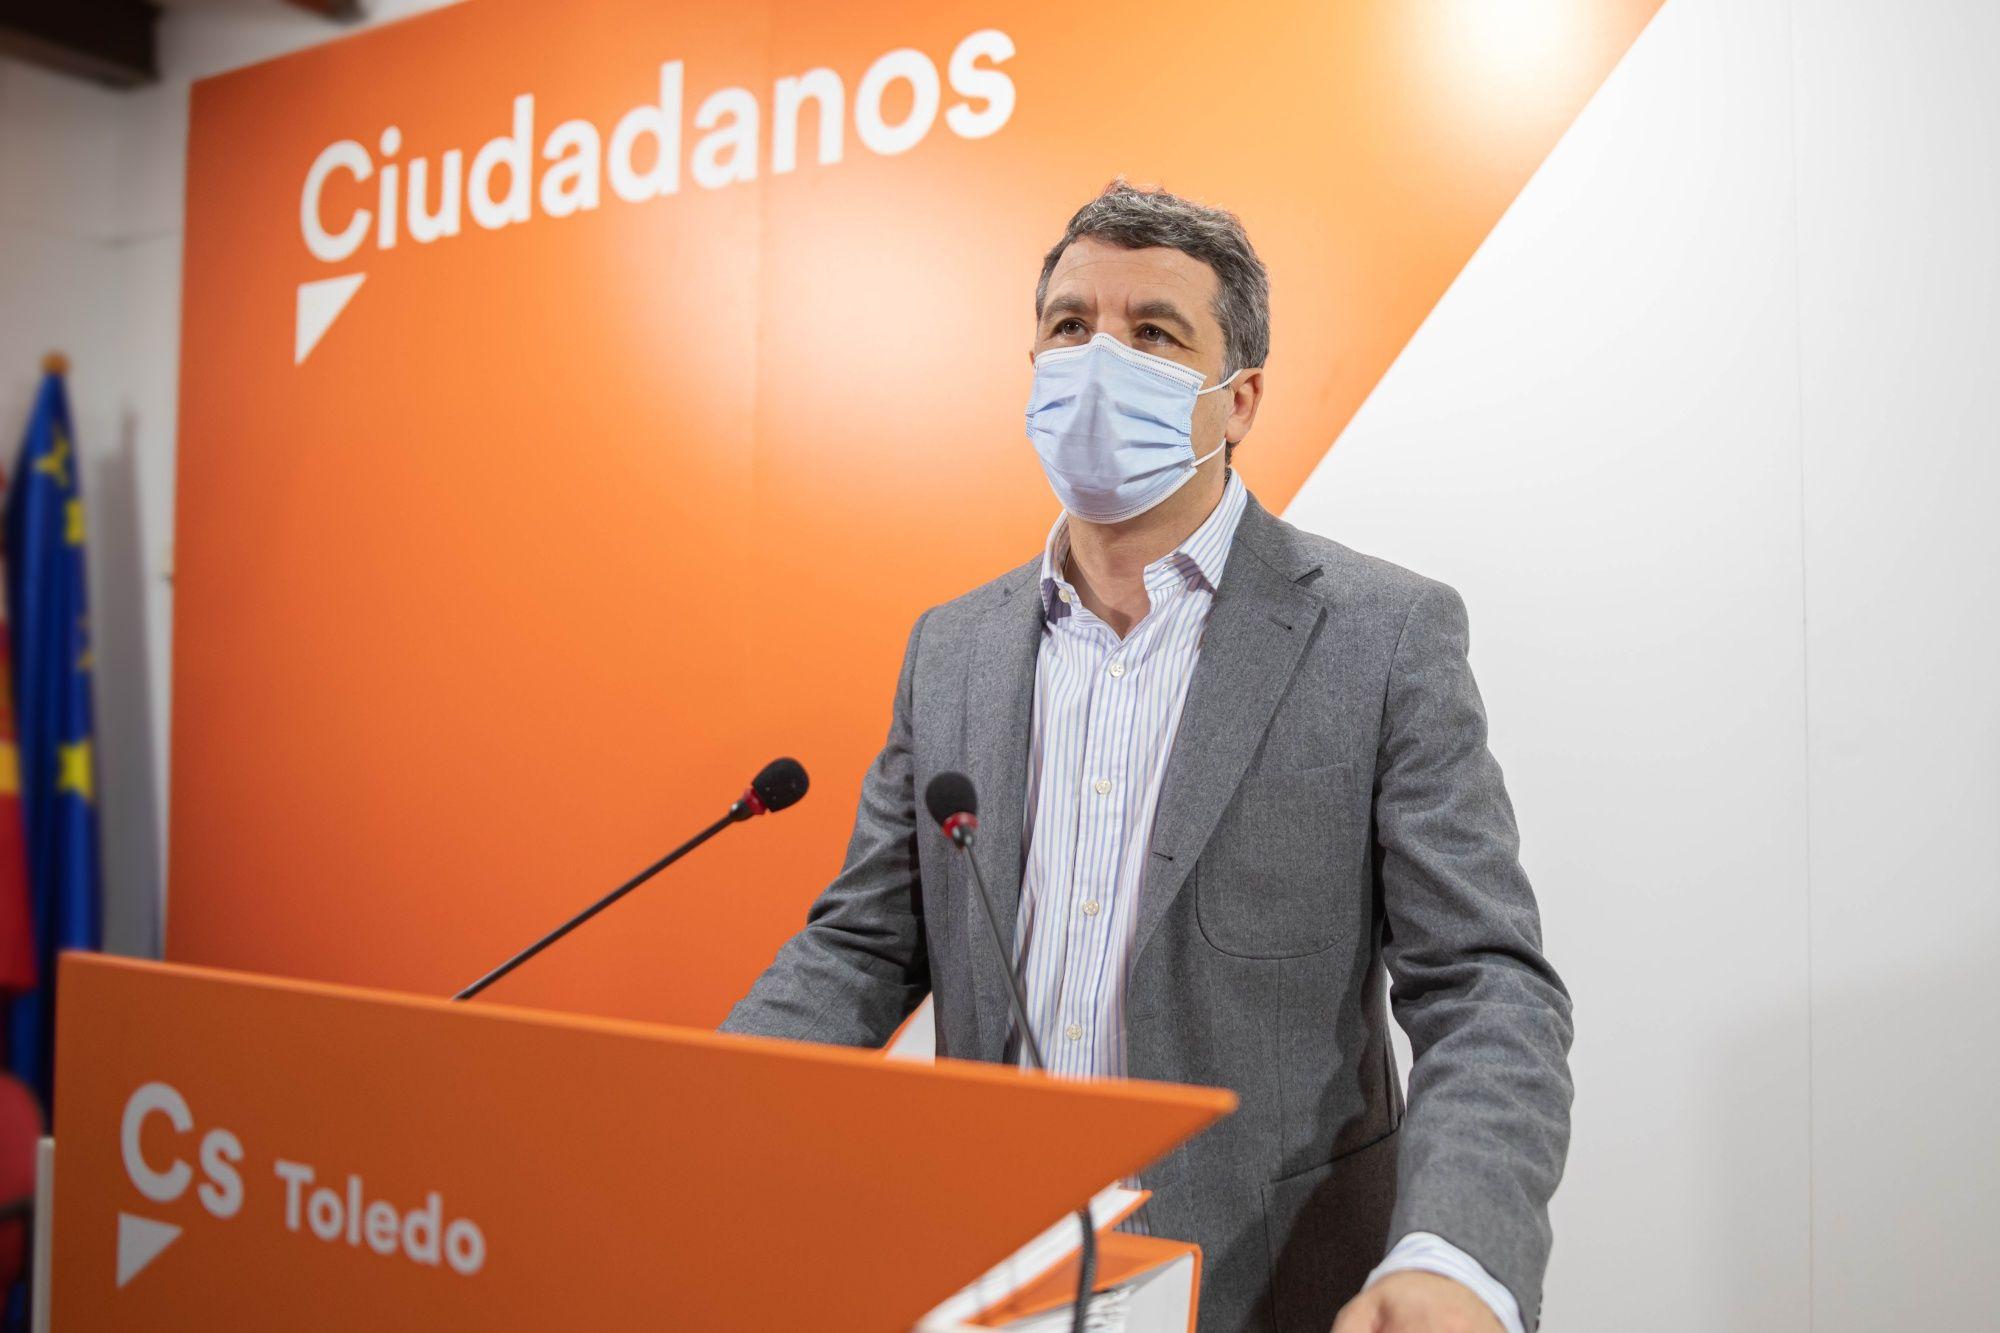 Paños (Cs) detecta pocas mejoras en el nuevo contrato de basura y pide a Tolón un cambio de 180 grados en materia de residuos incluyendo economía circular y fiscalidad